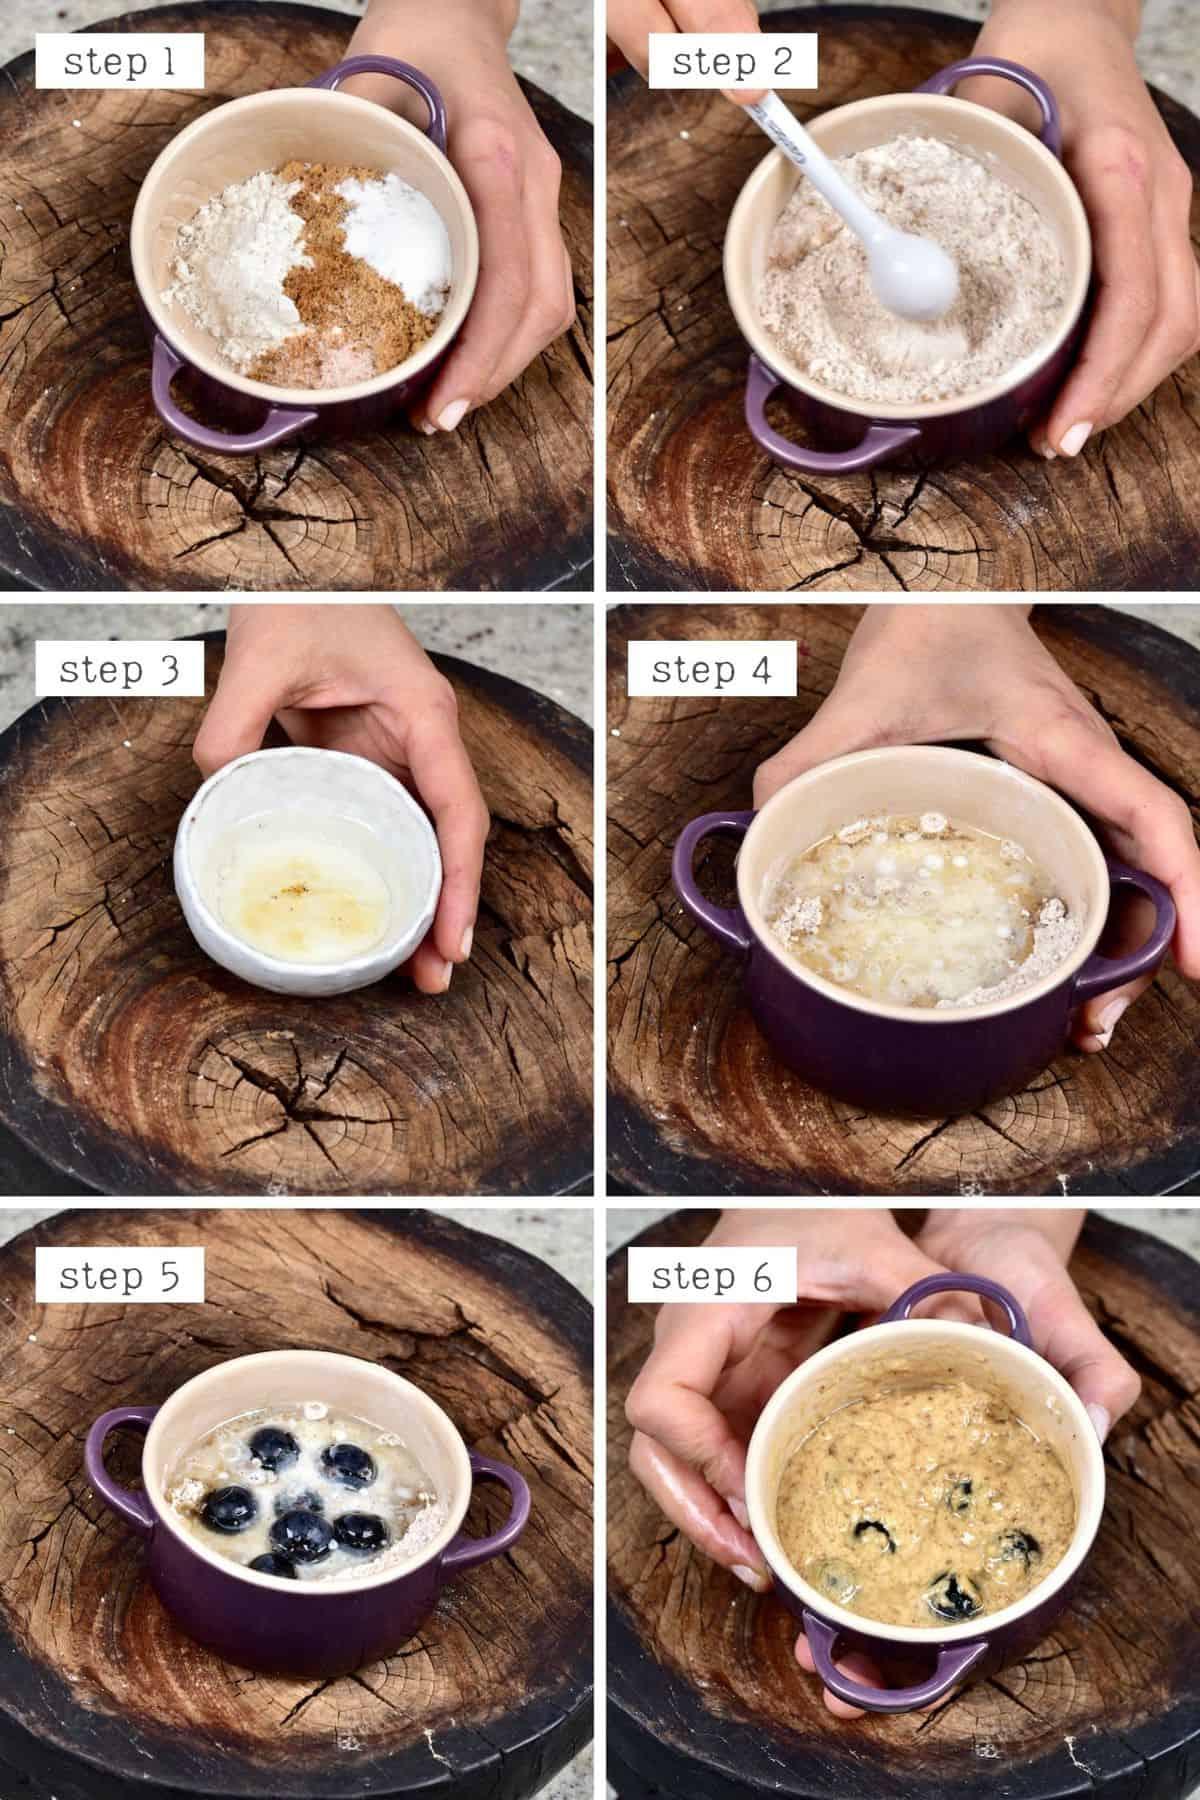 Steps for preparing berry mug cake